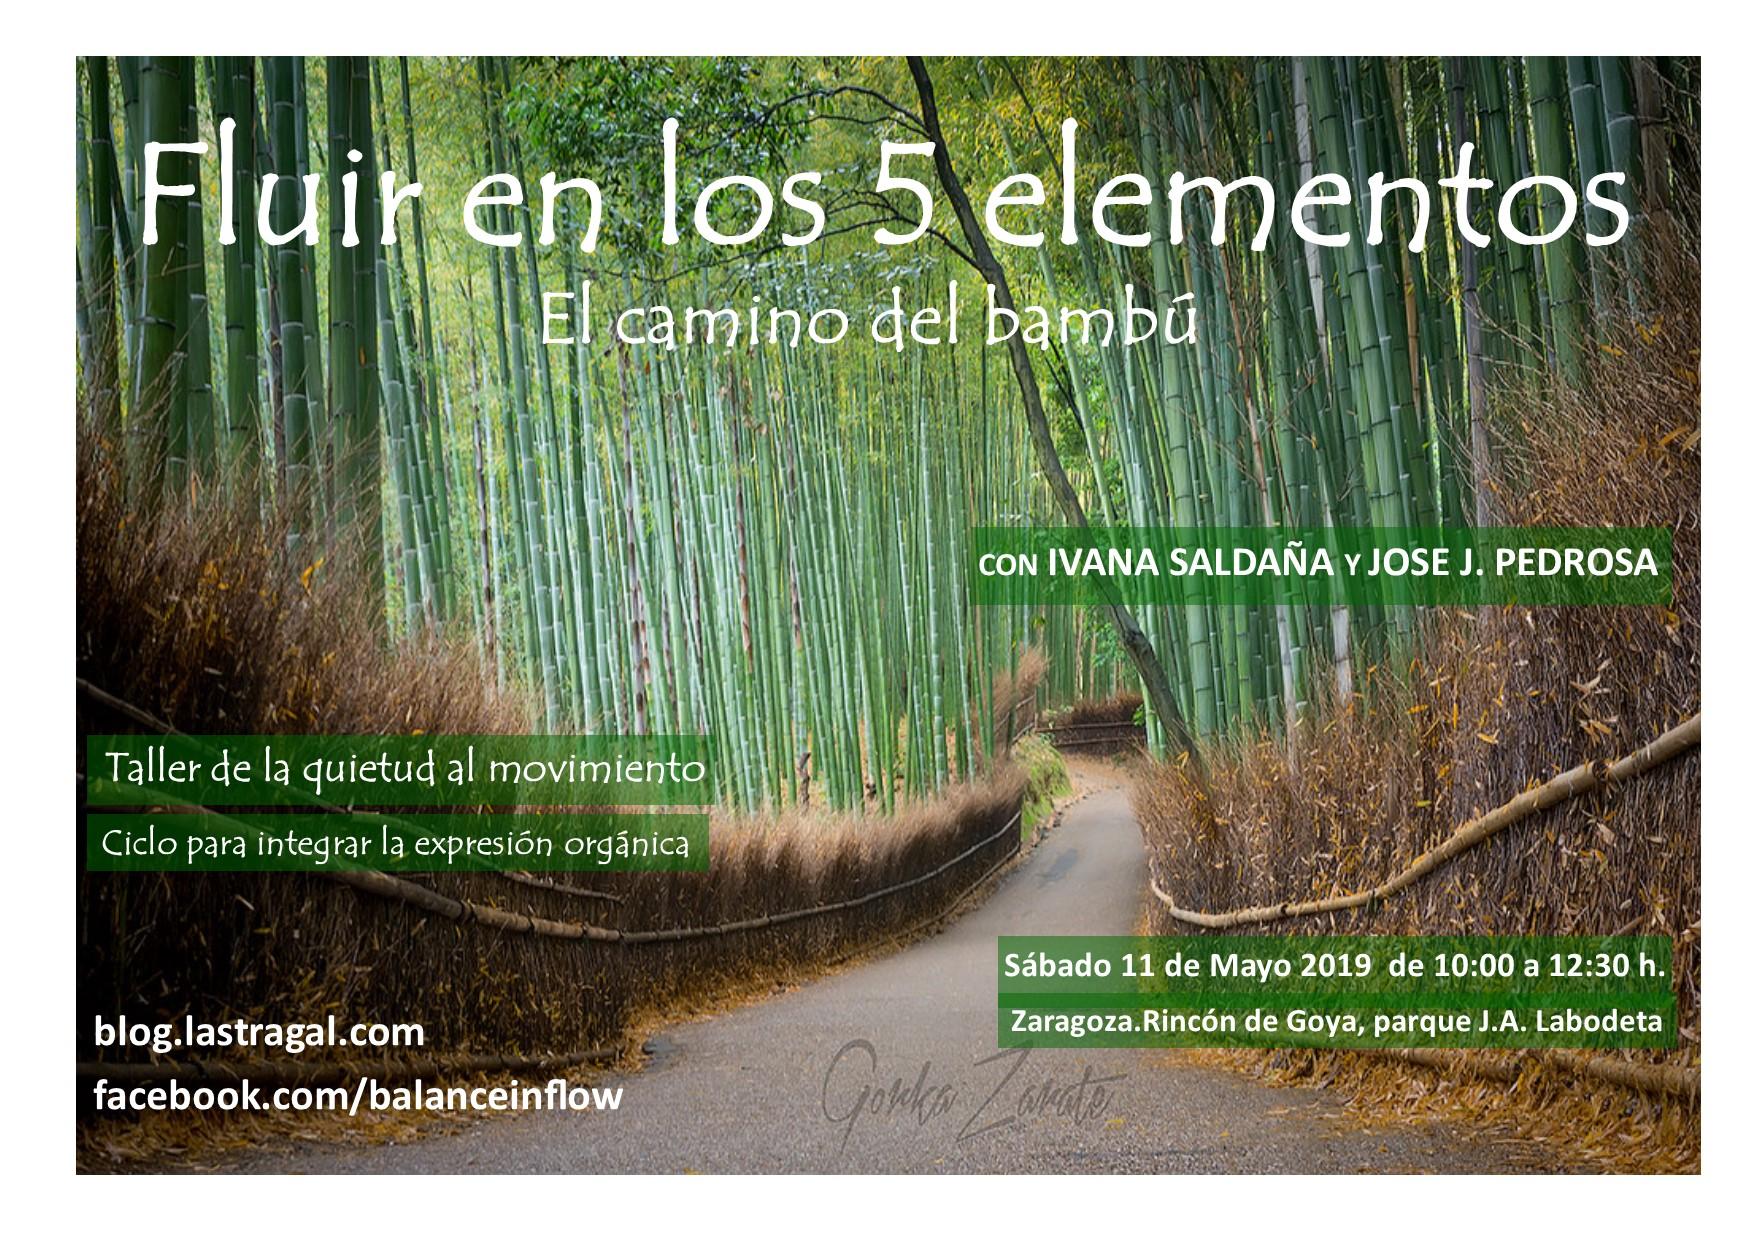 cartel con un camino estrecho asfaltado atravesando un bosquecito de bambú